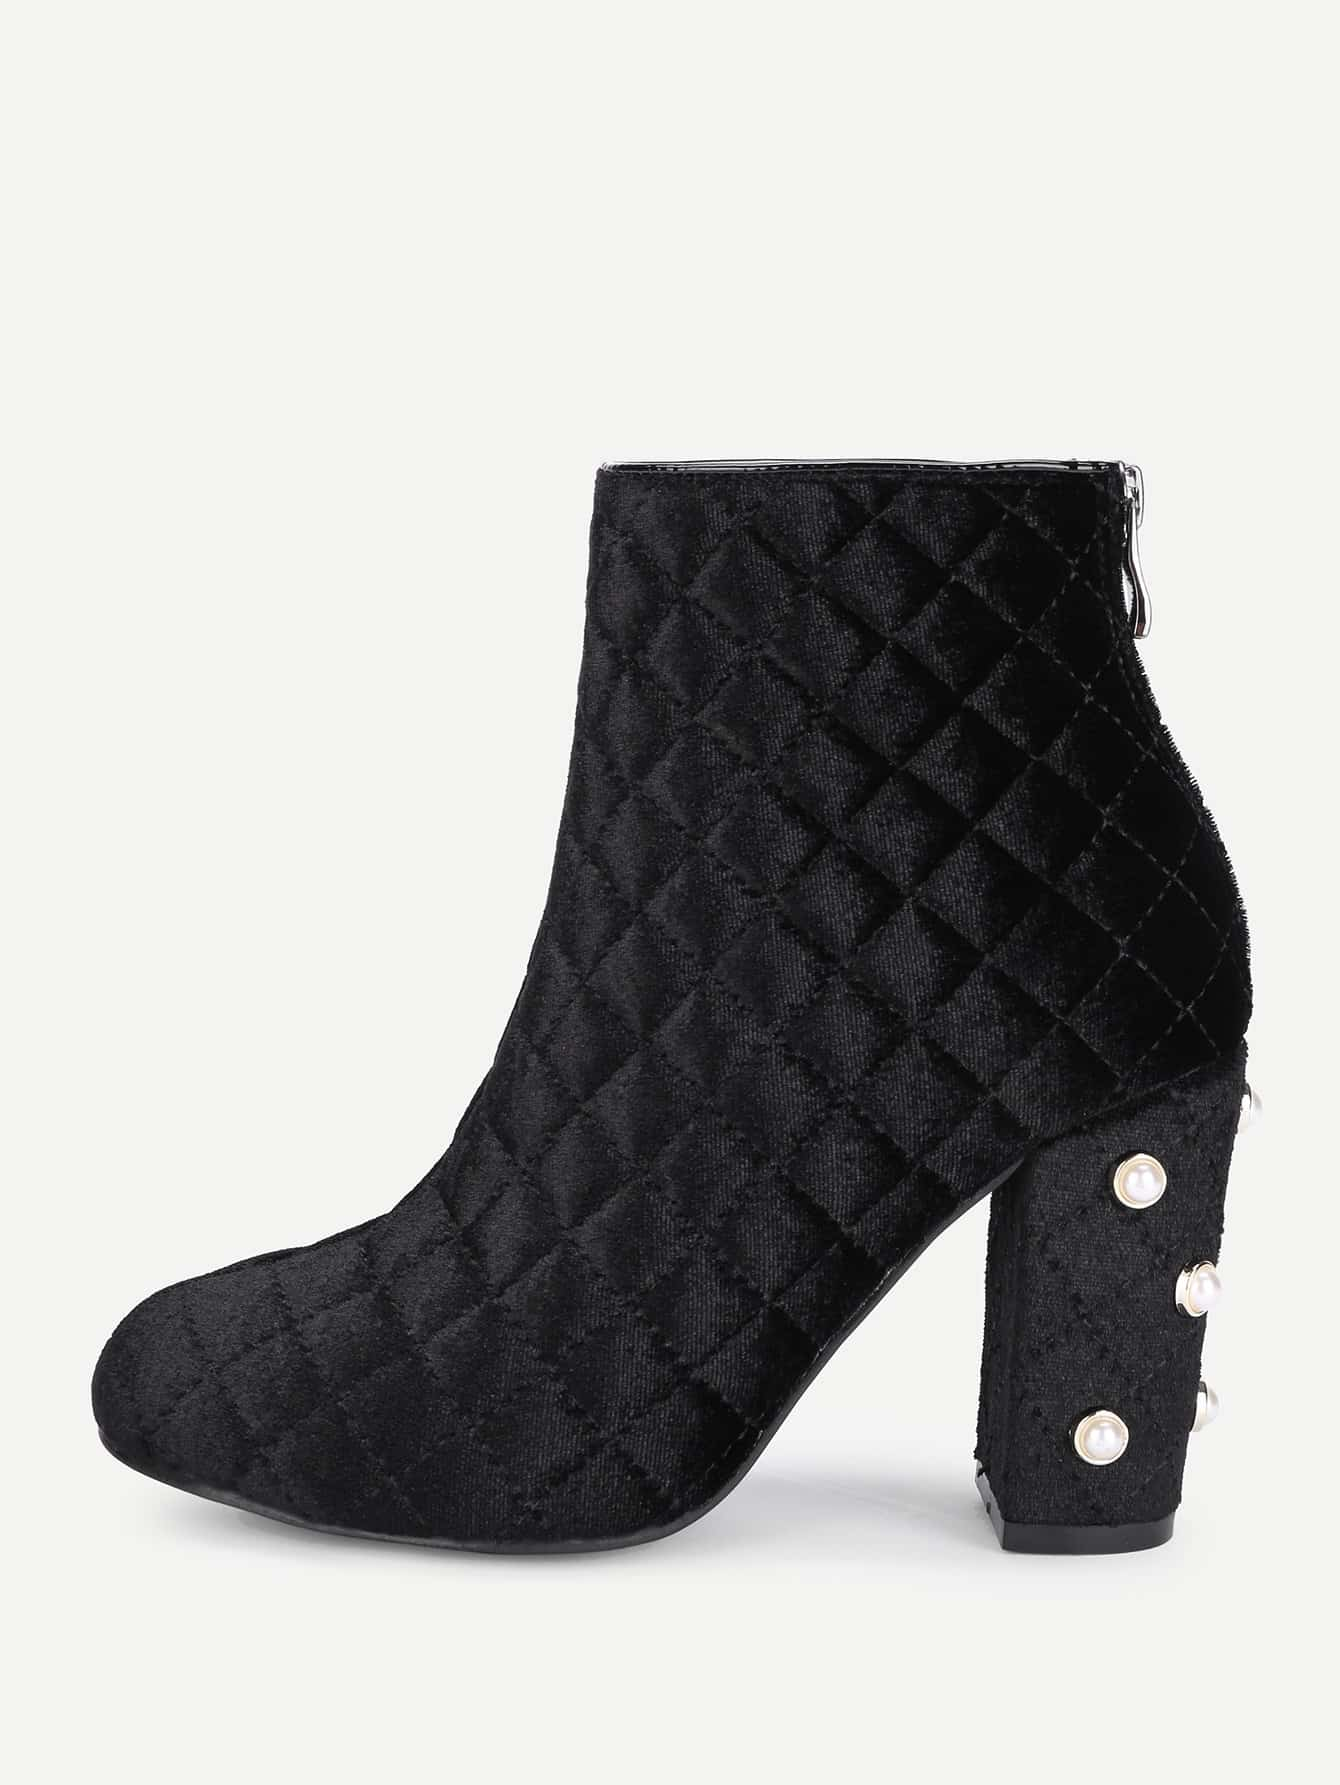 Women's Quilted Block Heel Ankle Booties